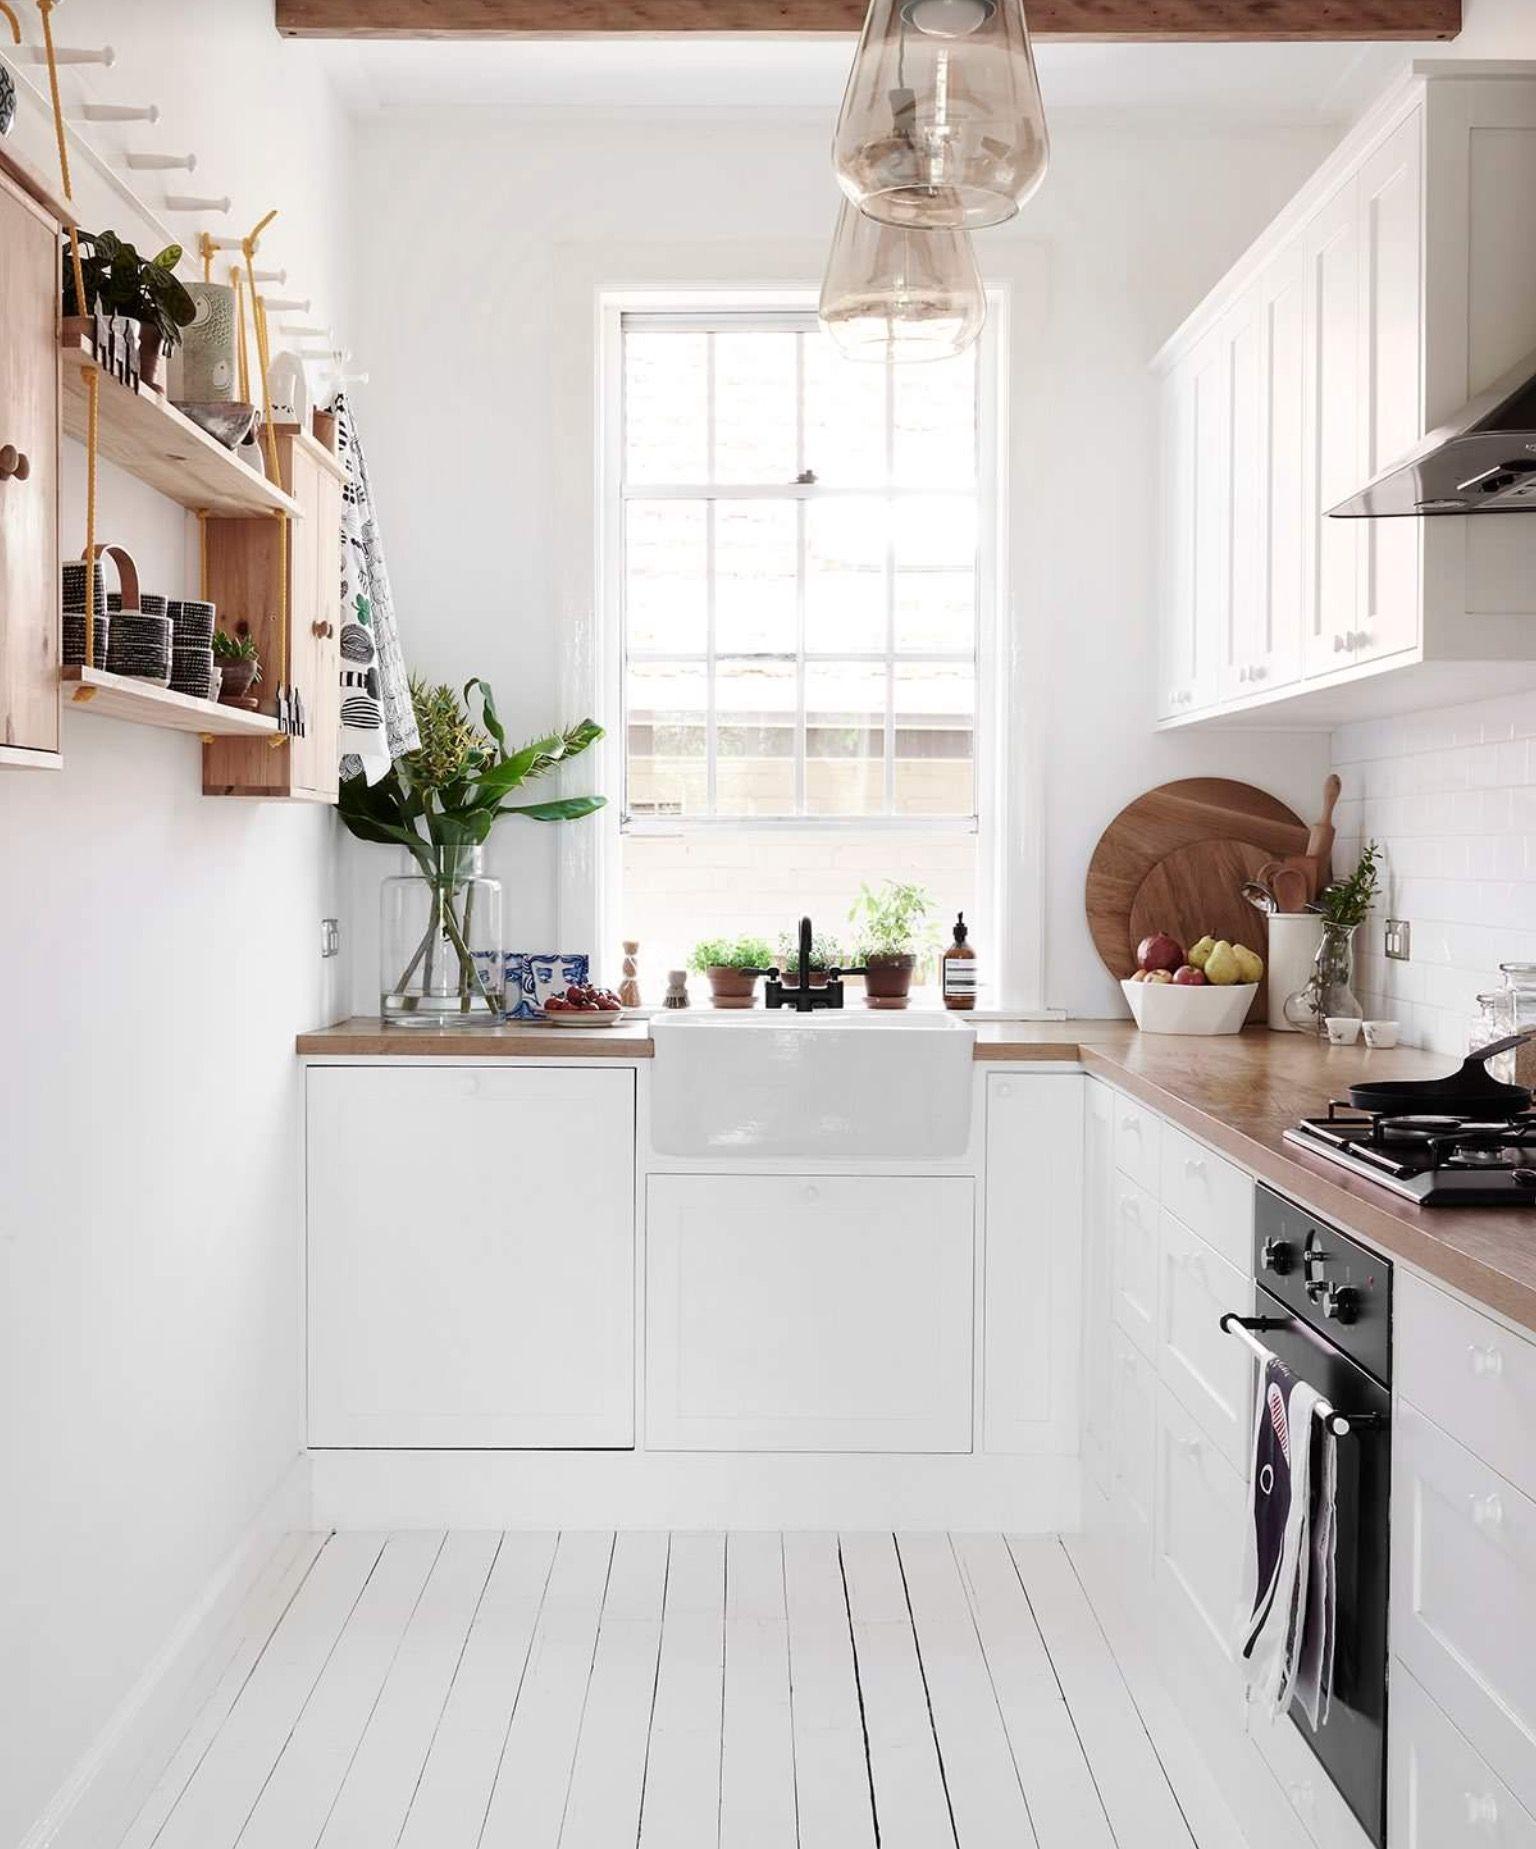 Pin von Samarth Kawade auf Dream House | Pinterest | Küche